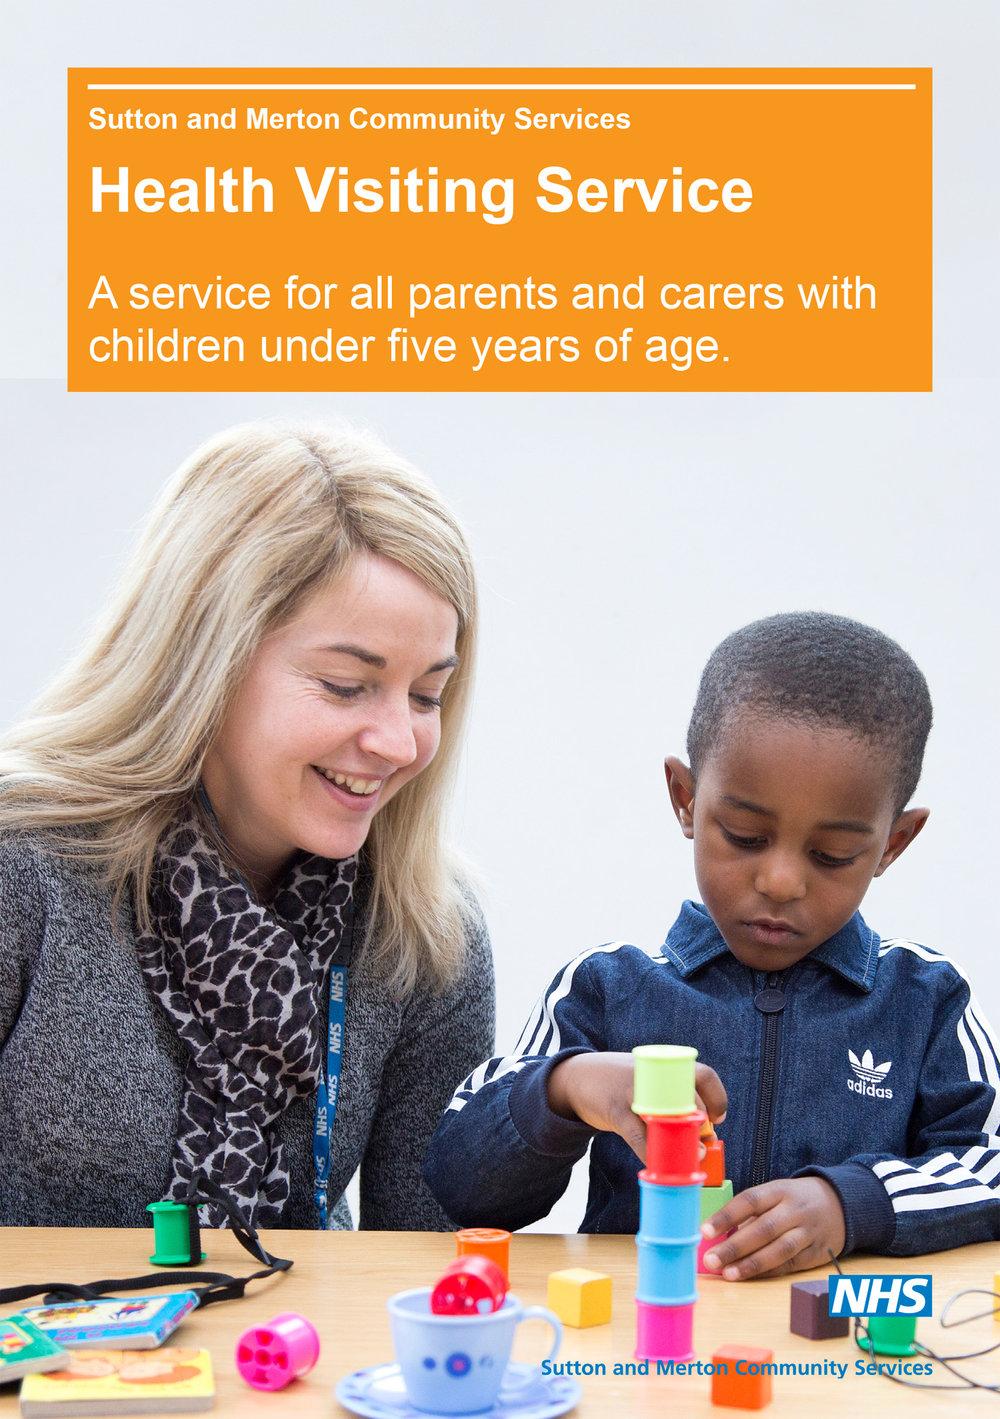 SMCS_health-visiting-service-leaflet-1.jpg